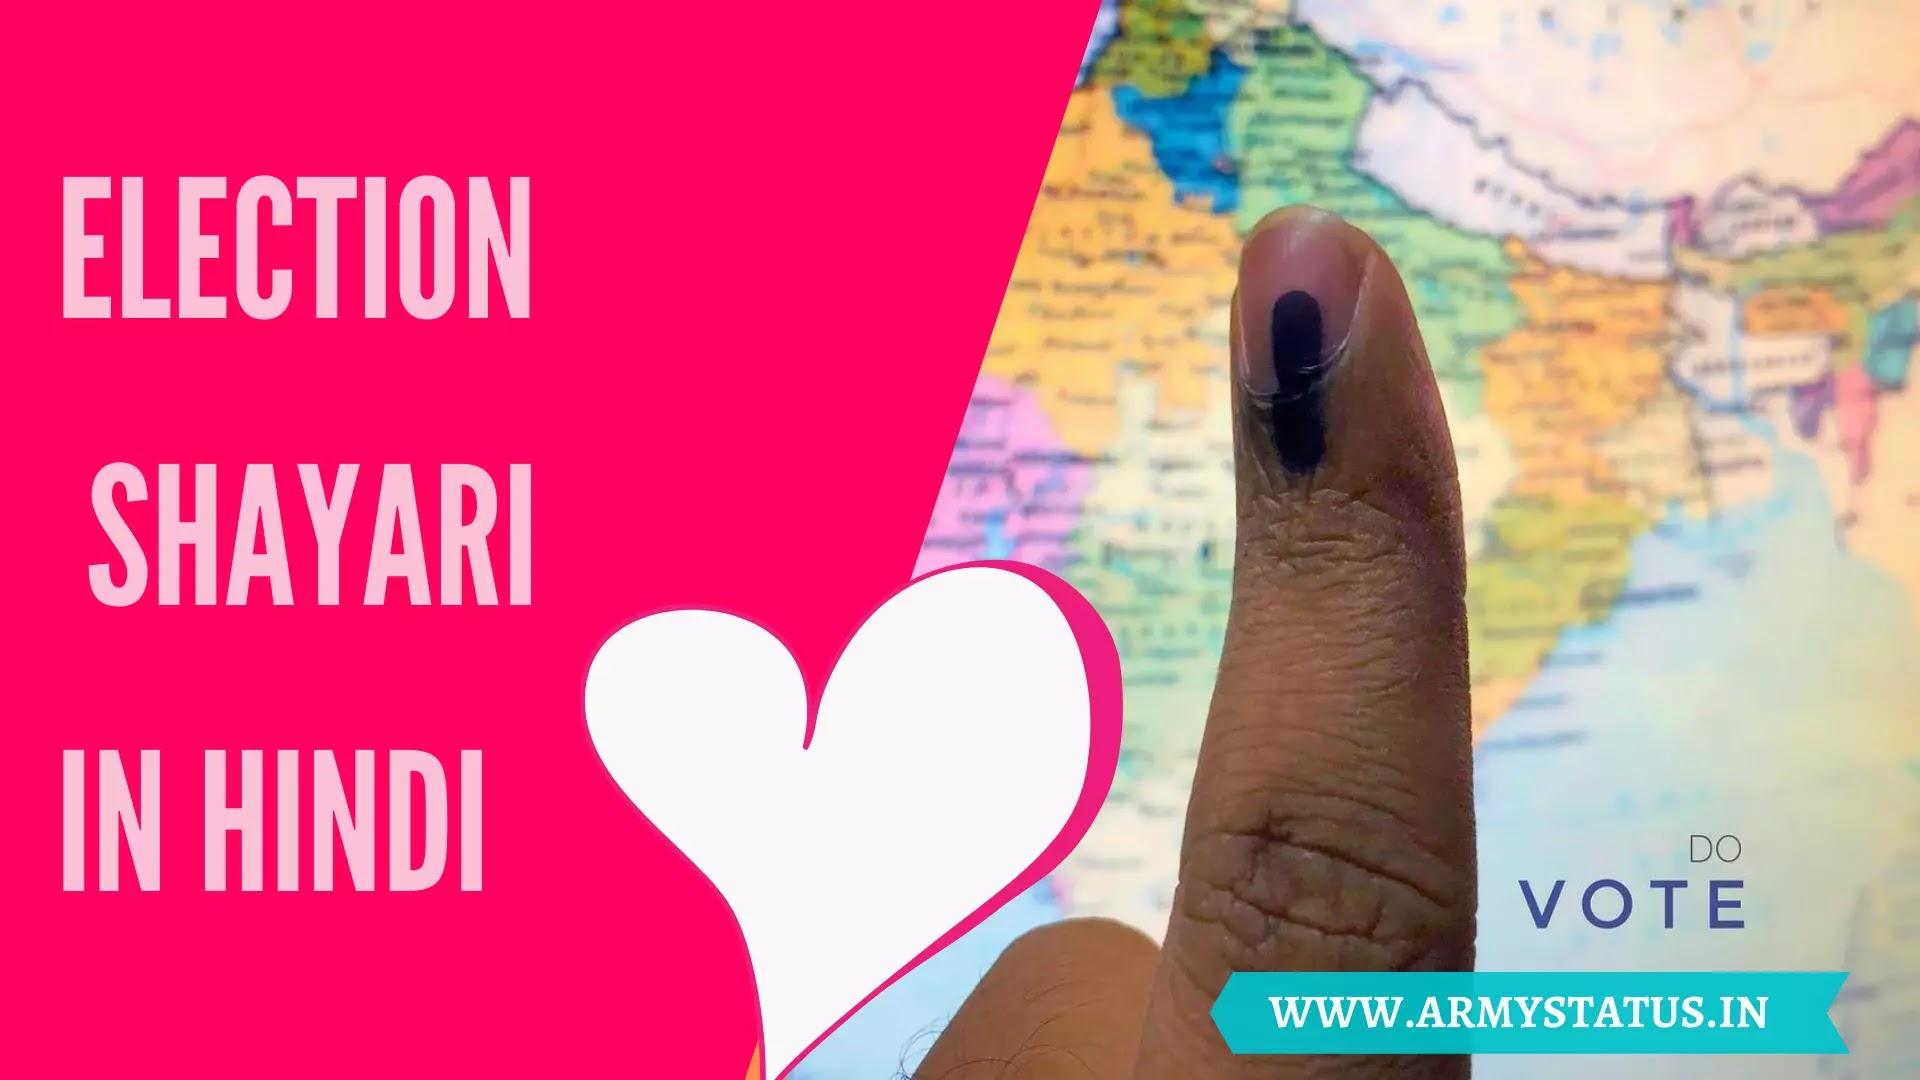 Election Shayari in Hindi | Rajneeti Shayari in Hindi